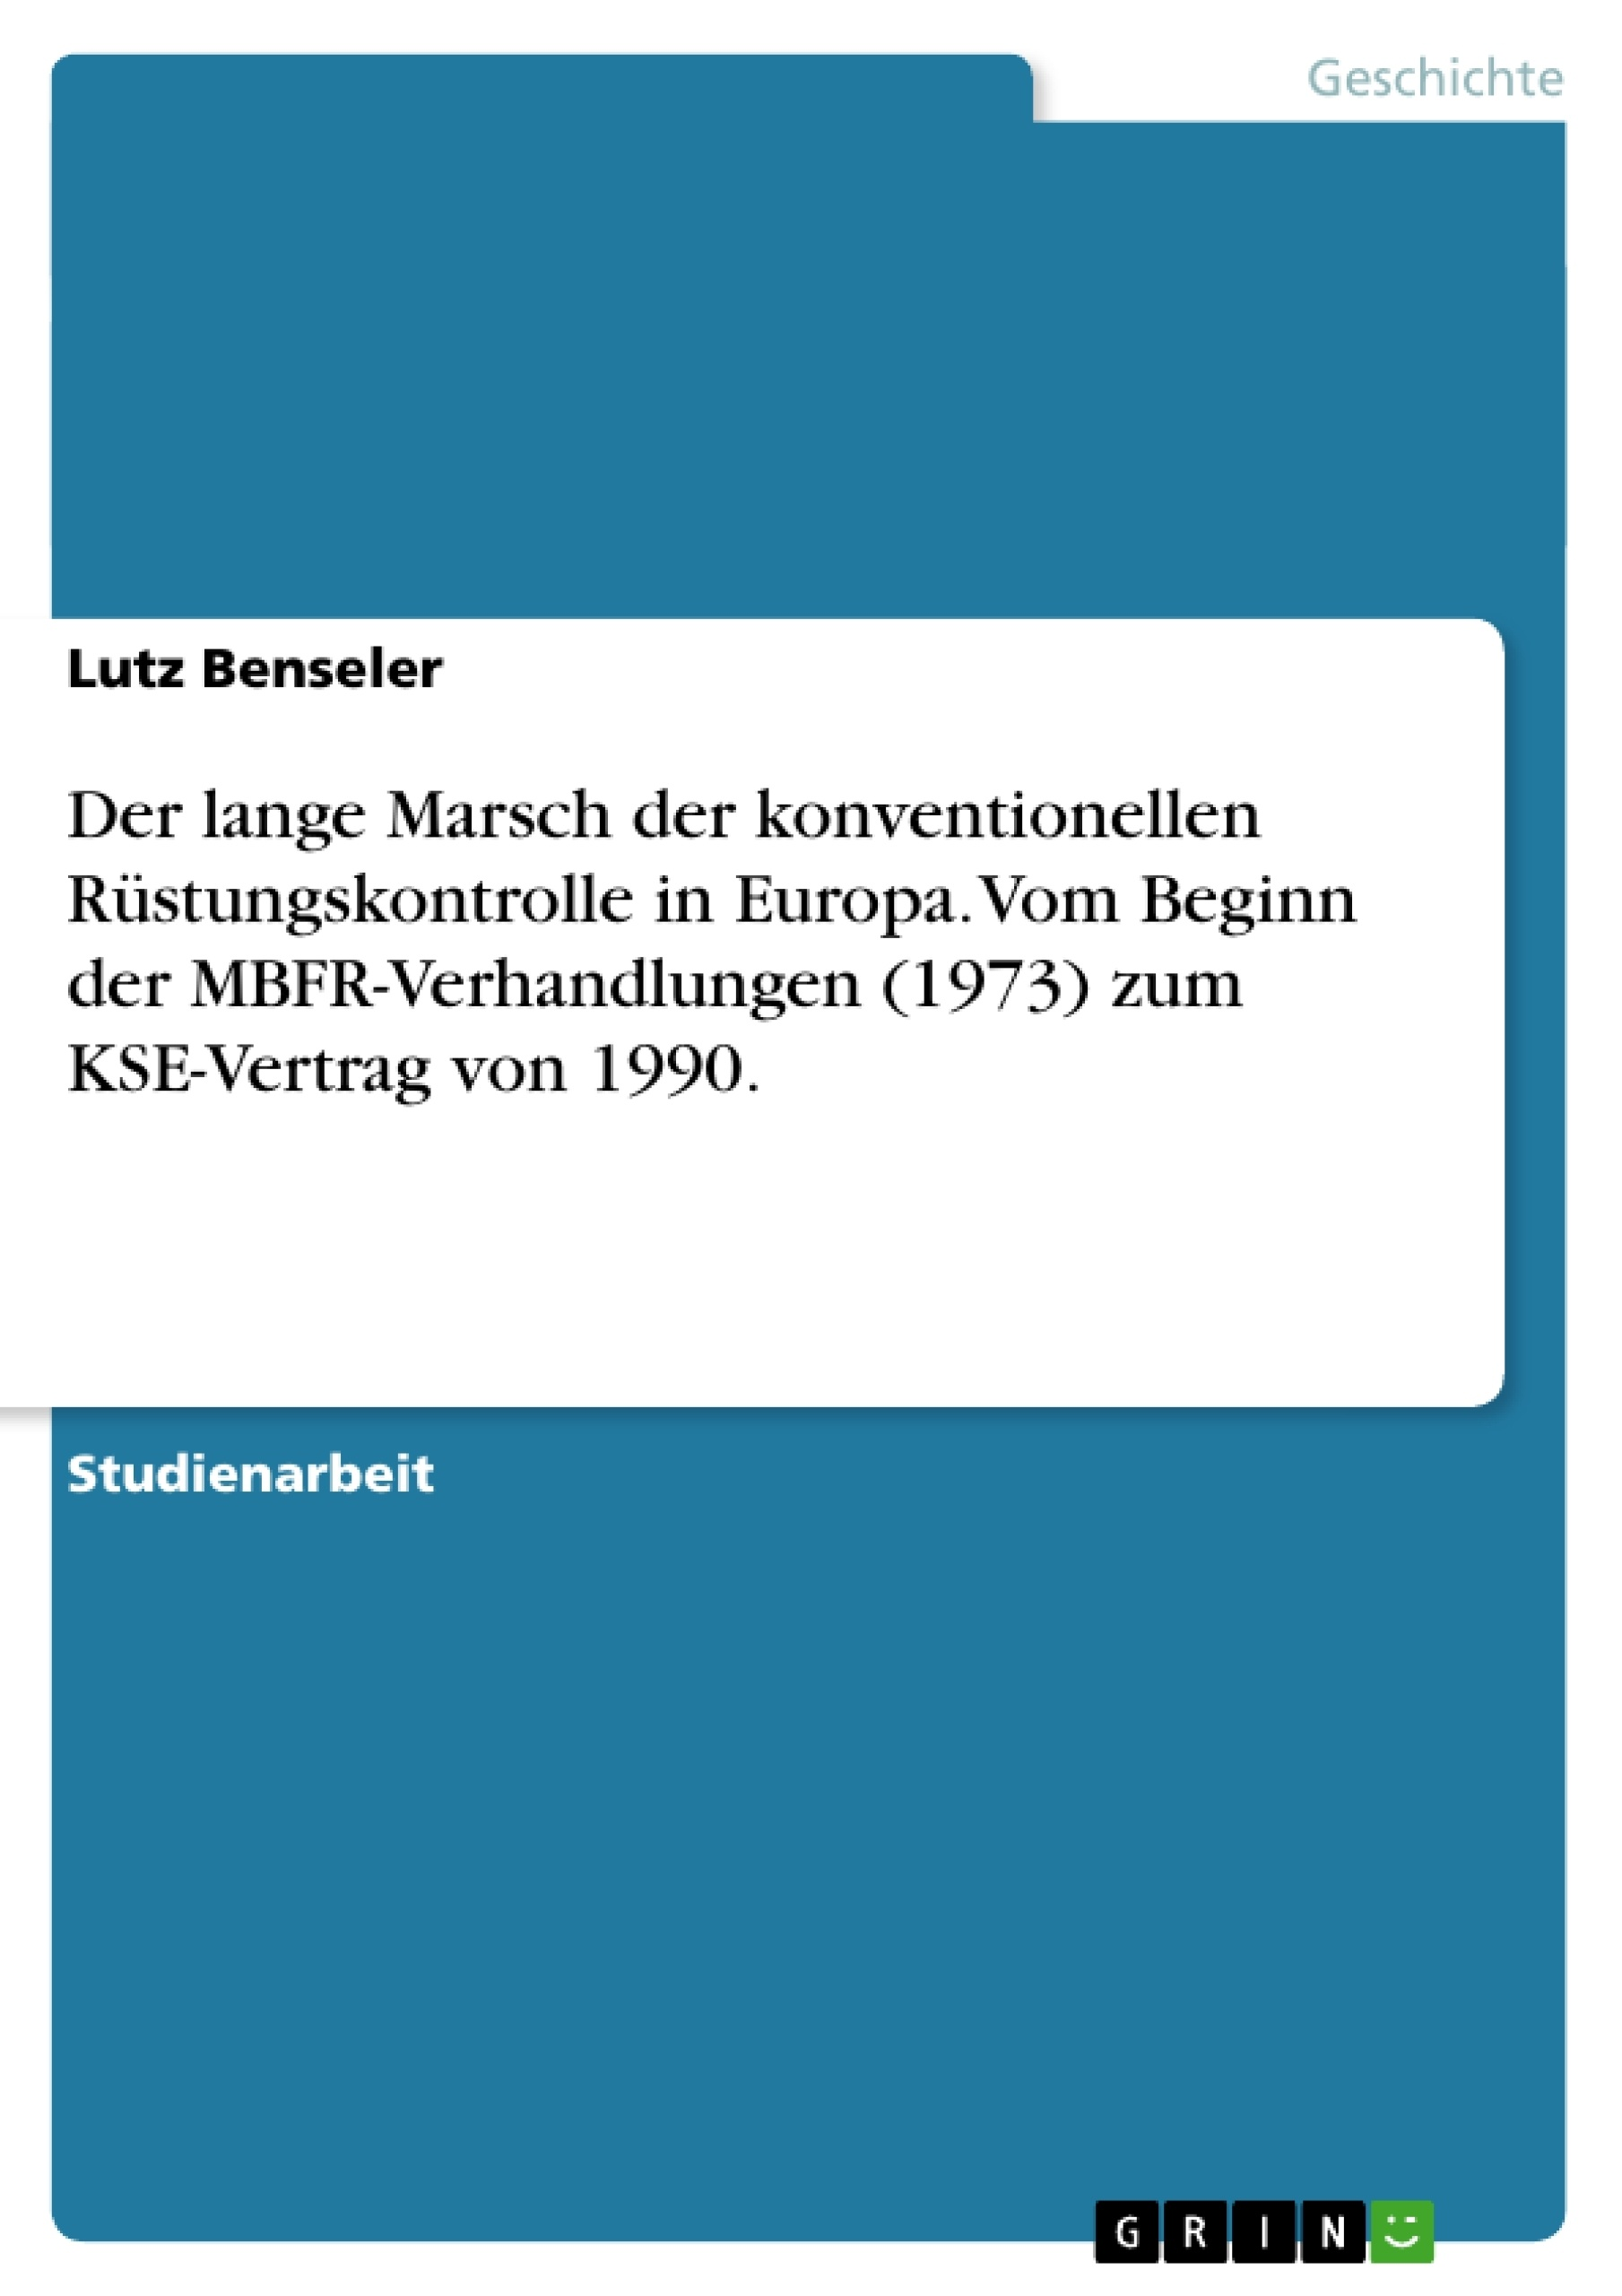 Titel: Der lange Marsch der konventionellen Rüstungskontrolle in Europa. Vom Beginn der MBFR-Verhandlungen (1973) zum KSE-Vertrag von 1990.